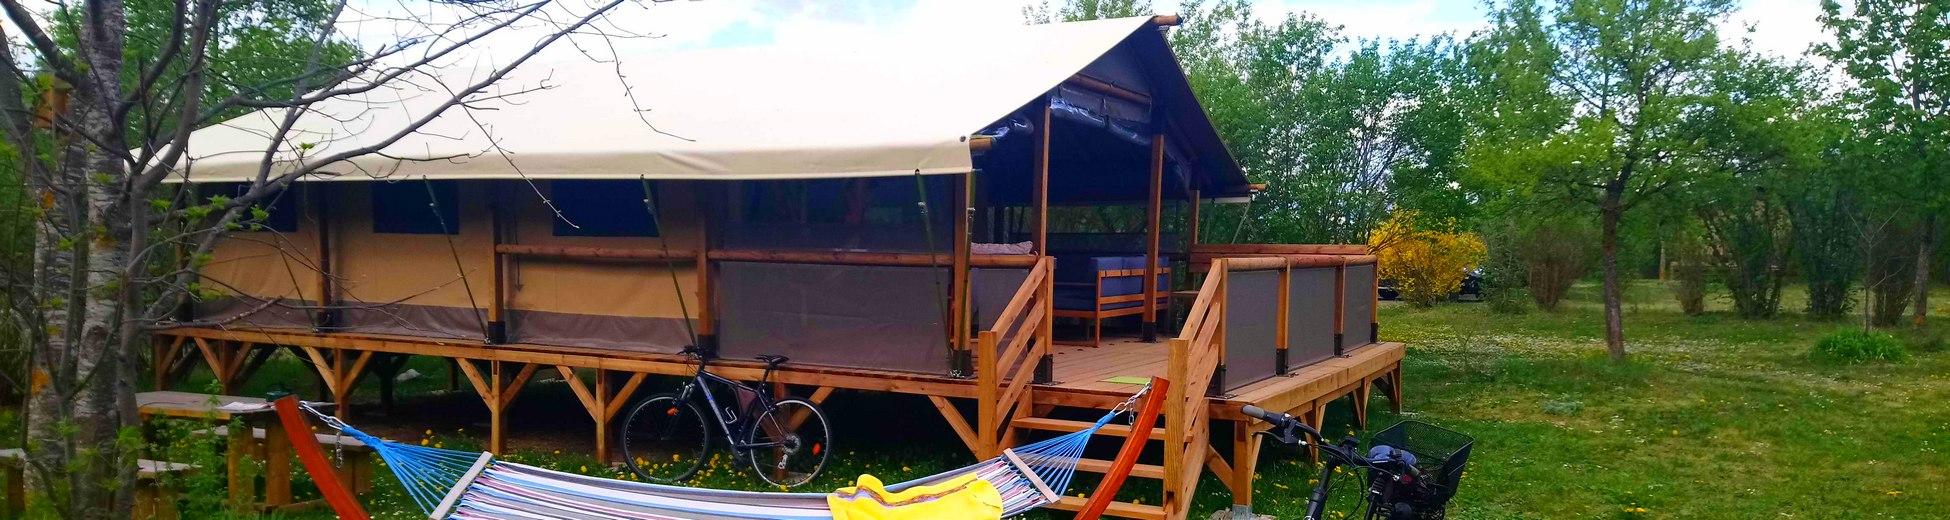 Le Lodge Espace : location grand confort pour toute la famille (avec sanitaires)